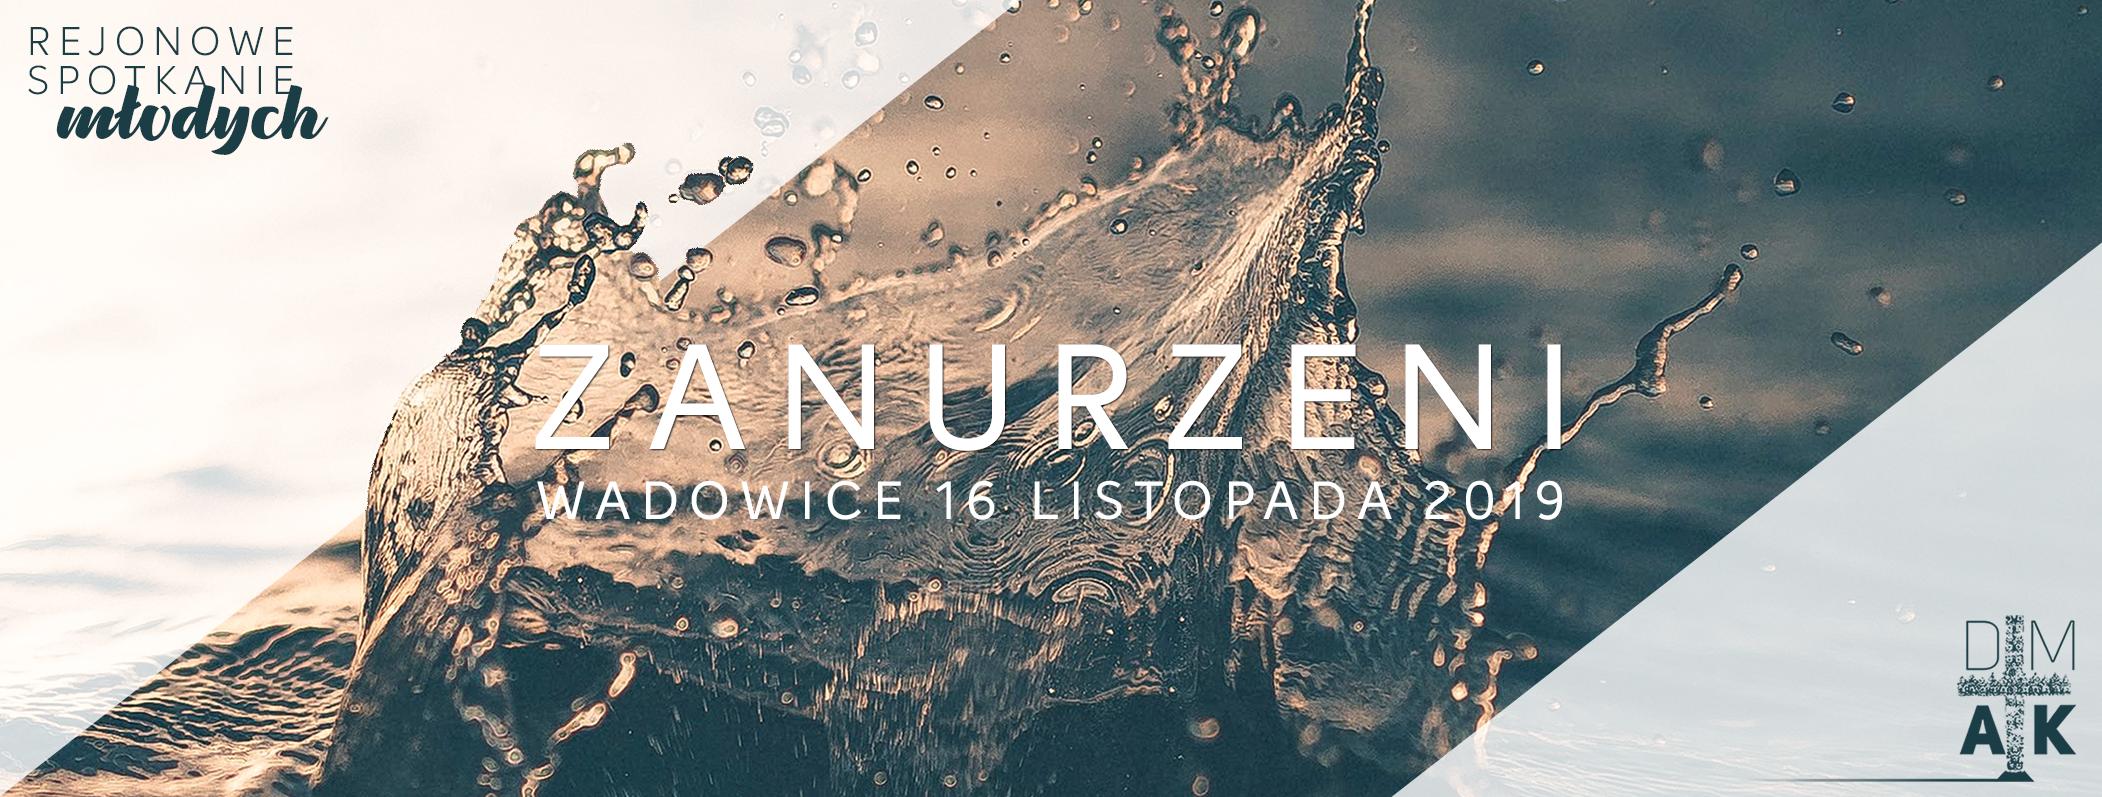 """""""Zanurzeni"""" – Rejonowe Spotkanie Młodych w Wadowicach"""